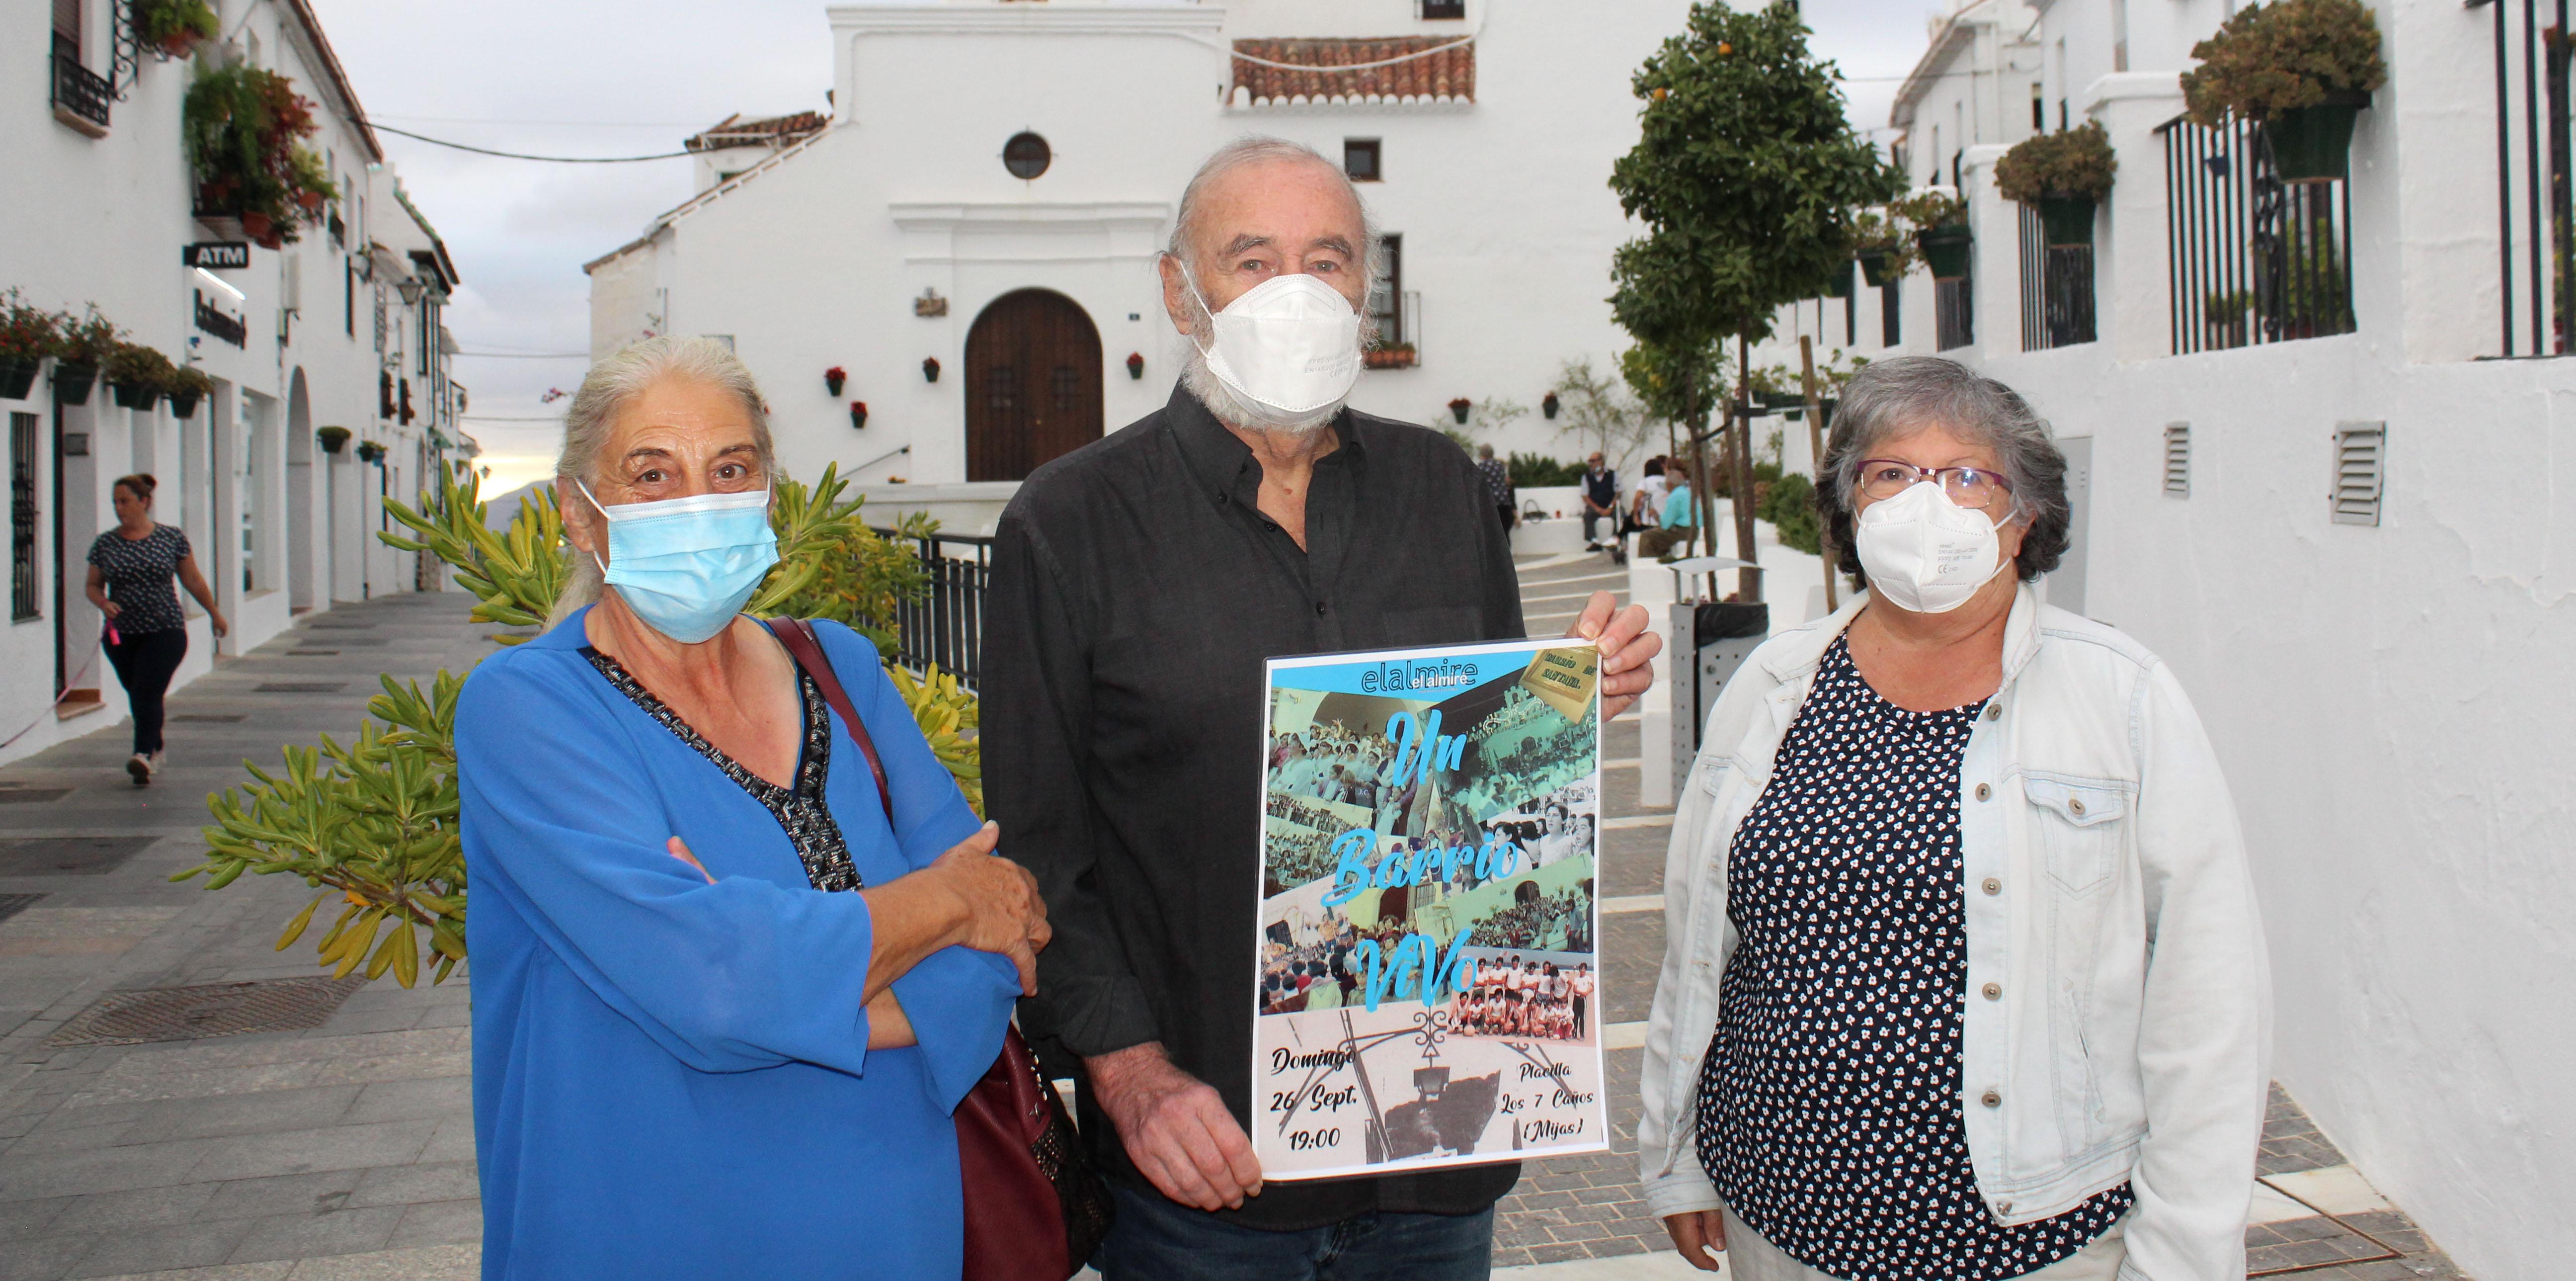 El Almiré organiza el domingo 26 el encuentro 'Un barrio vivo'